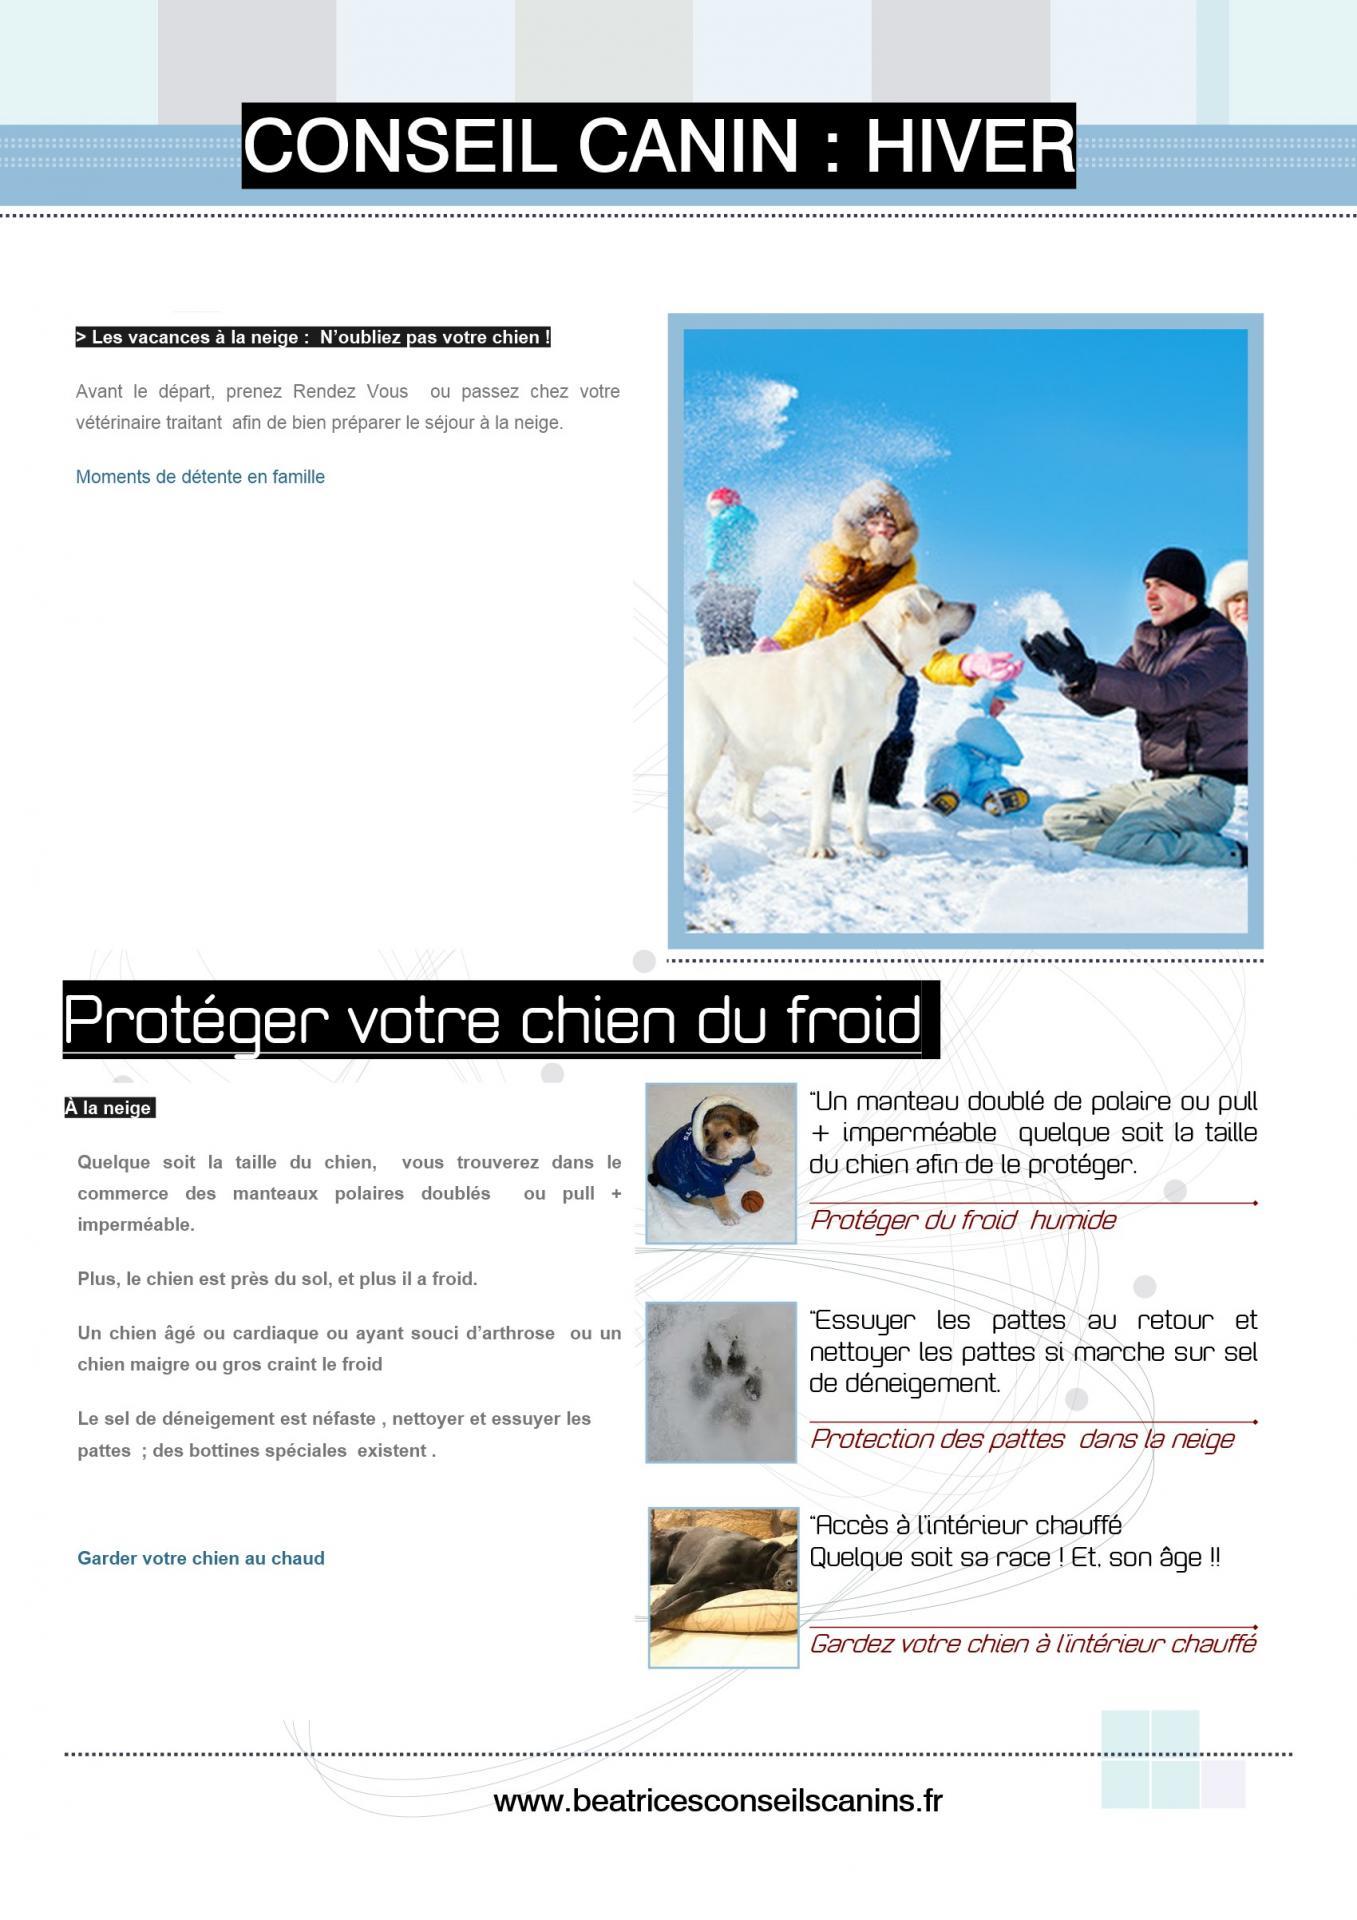 Proteger chien du froid